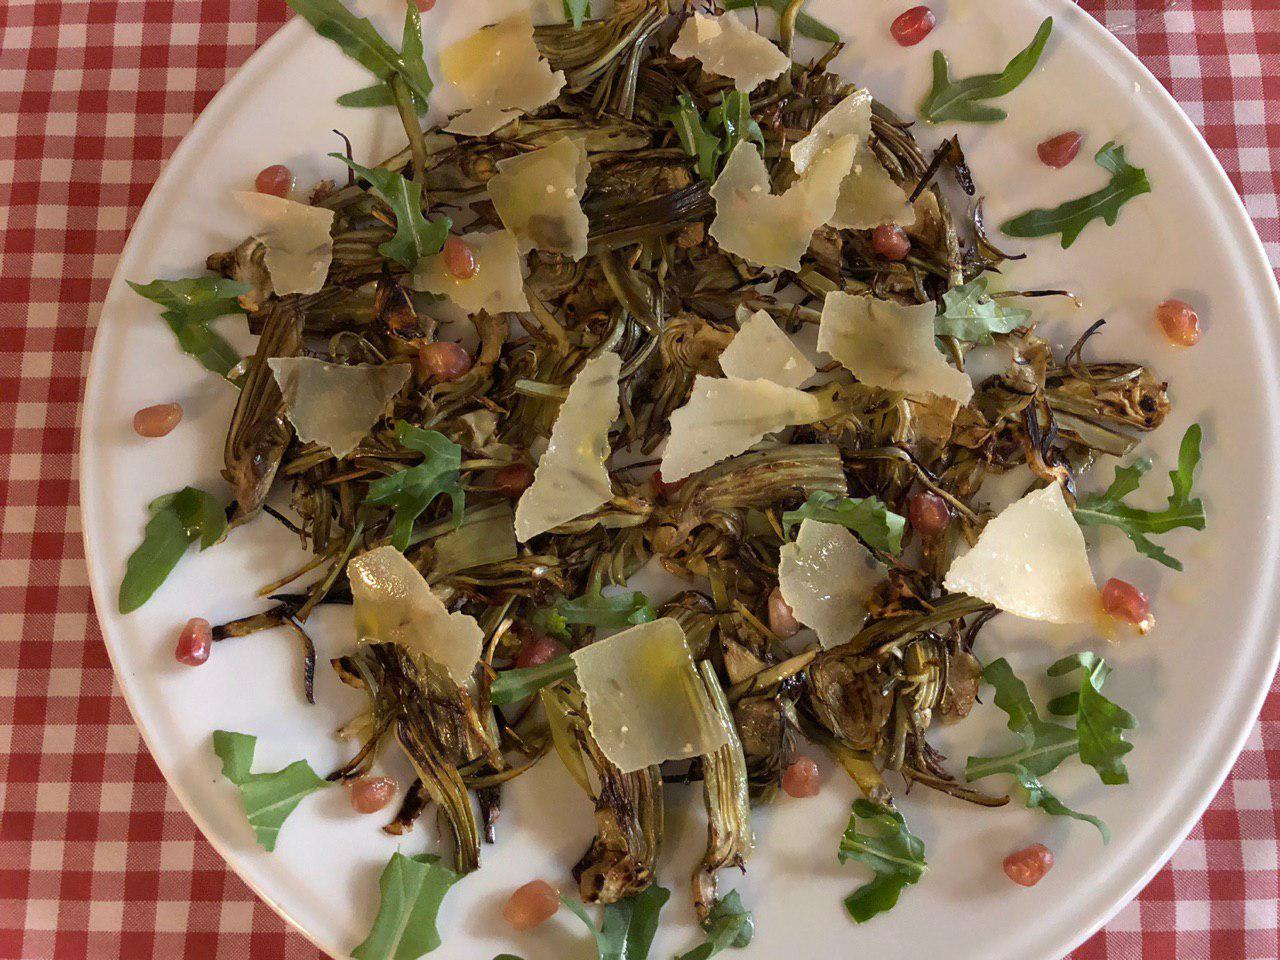 Alcachofas al a plancha acompañadas de escamas de parmesano